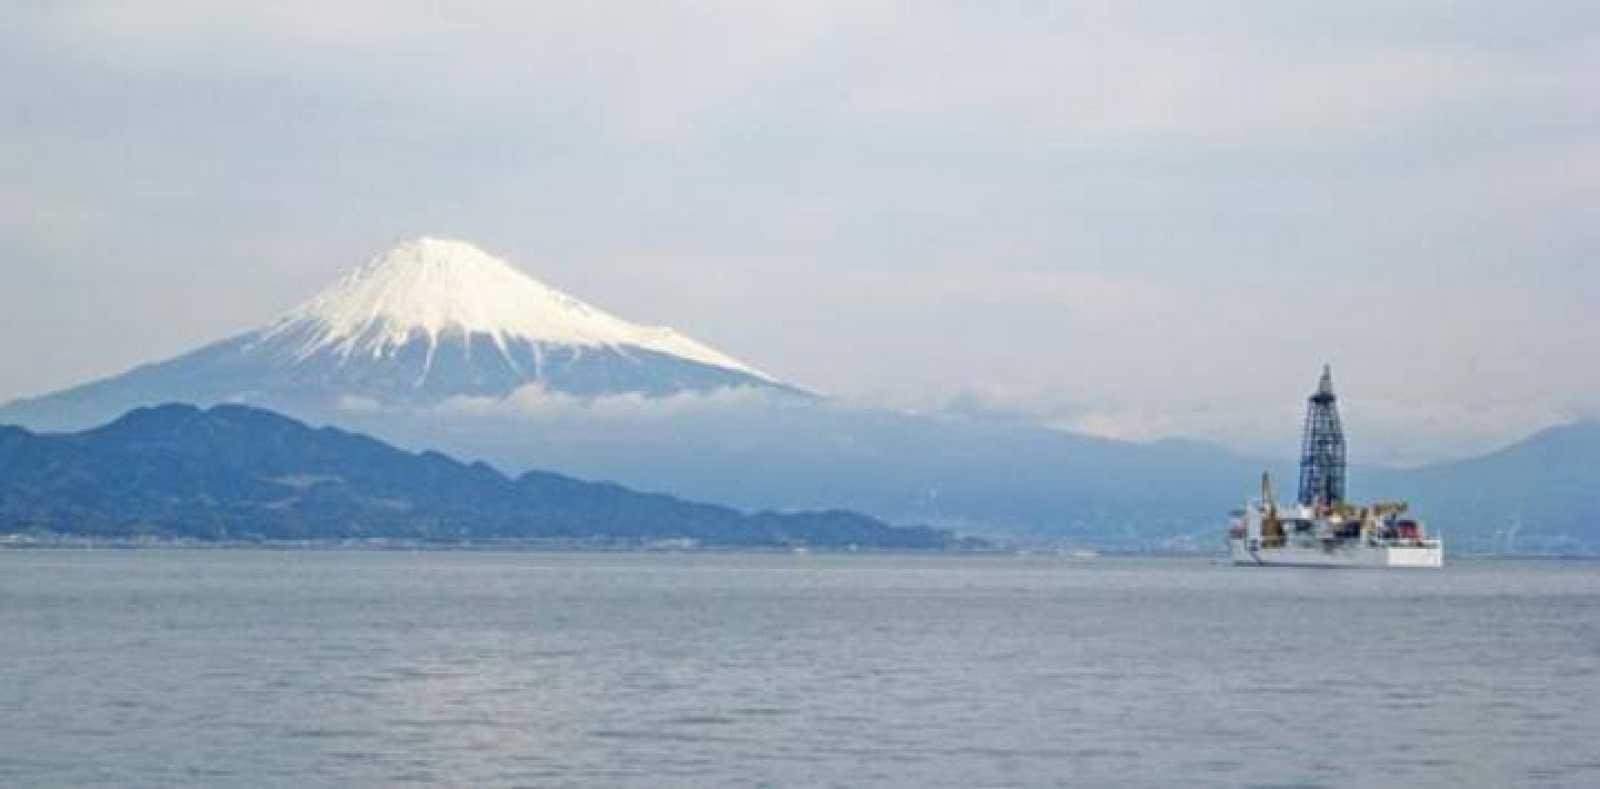 El barco japonés de perforación 'Chikyu', ante el monte Fuji, en uno de los proyectos del Programa Internacional para el Descubrimiento del Océano (IODP).